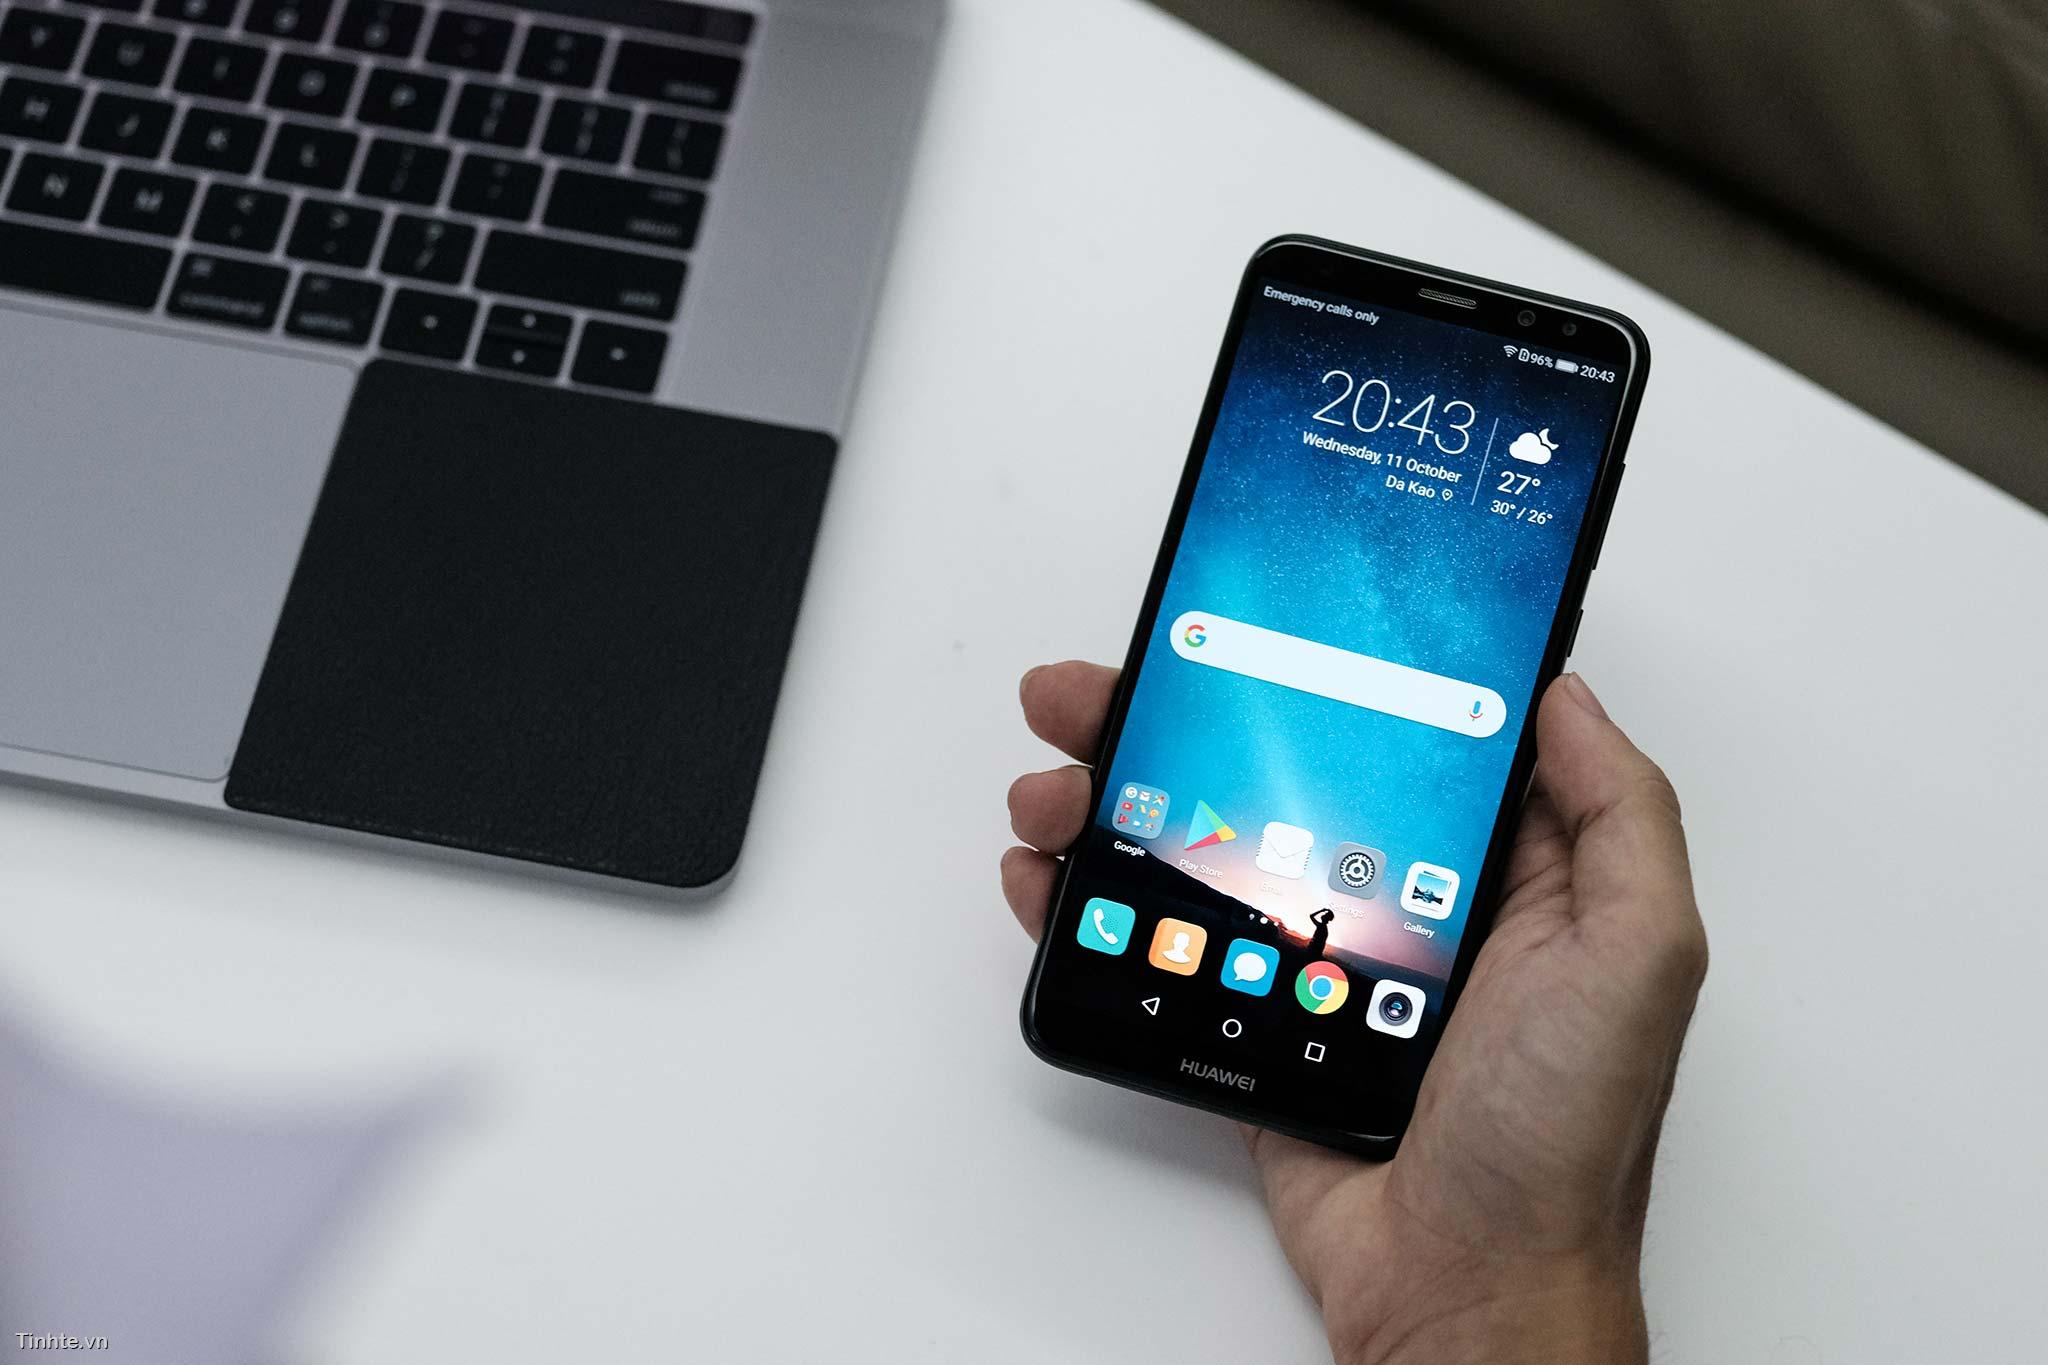 Trên tay Huawei nova 2i: điện thoại viền siêu mỏng, 4 camera giá chỉ 6 triệu